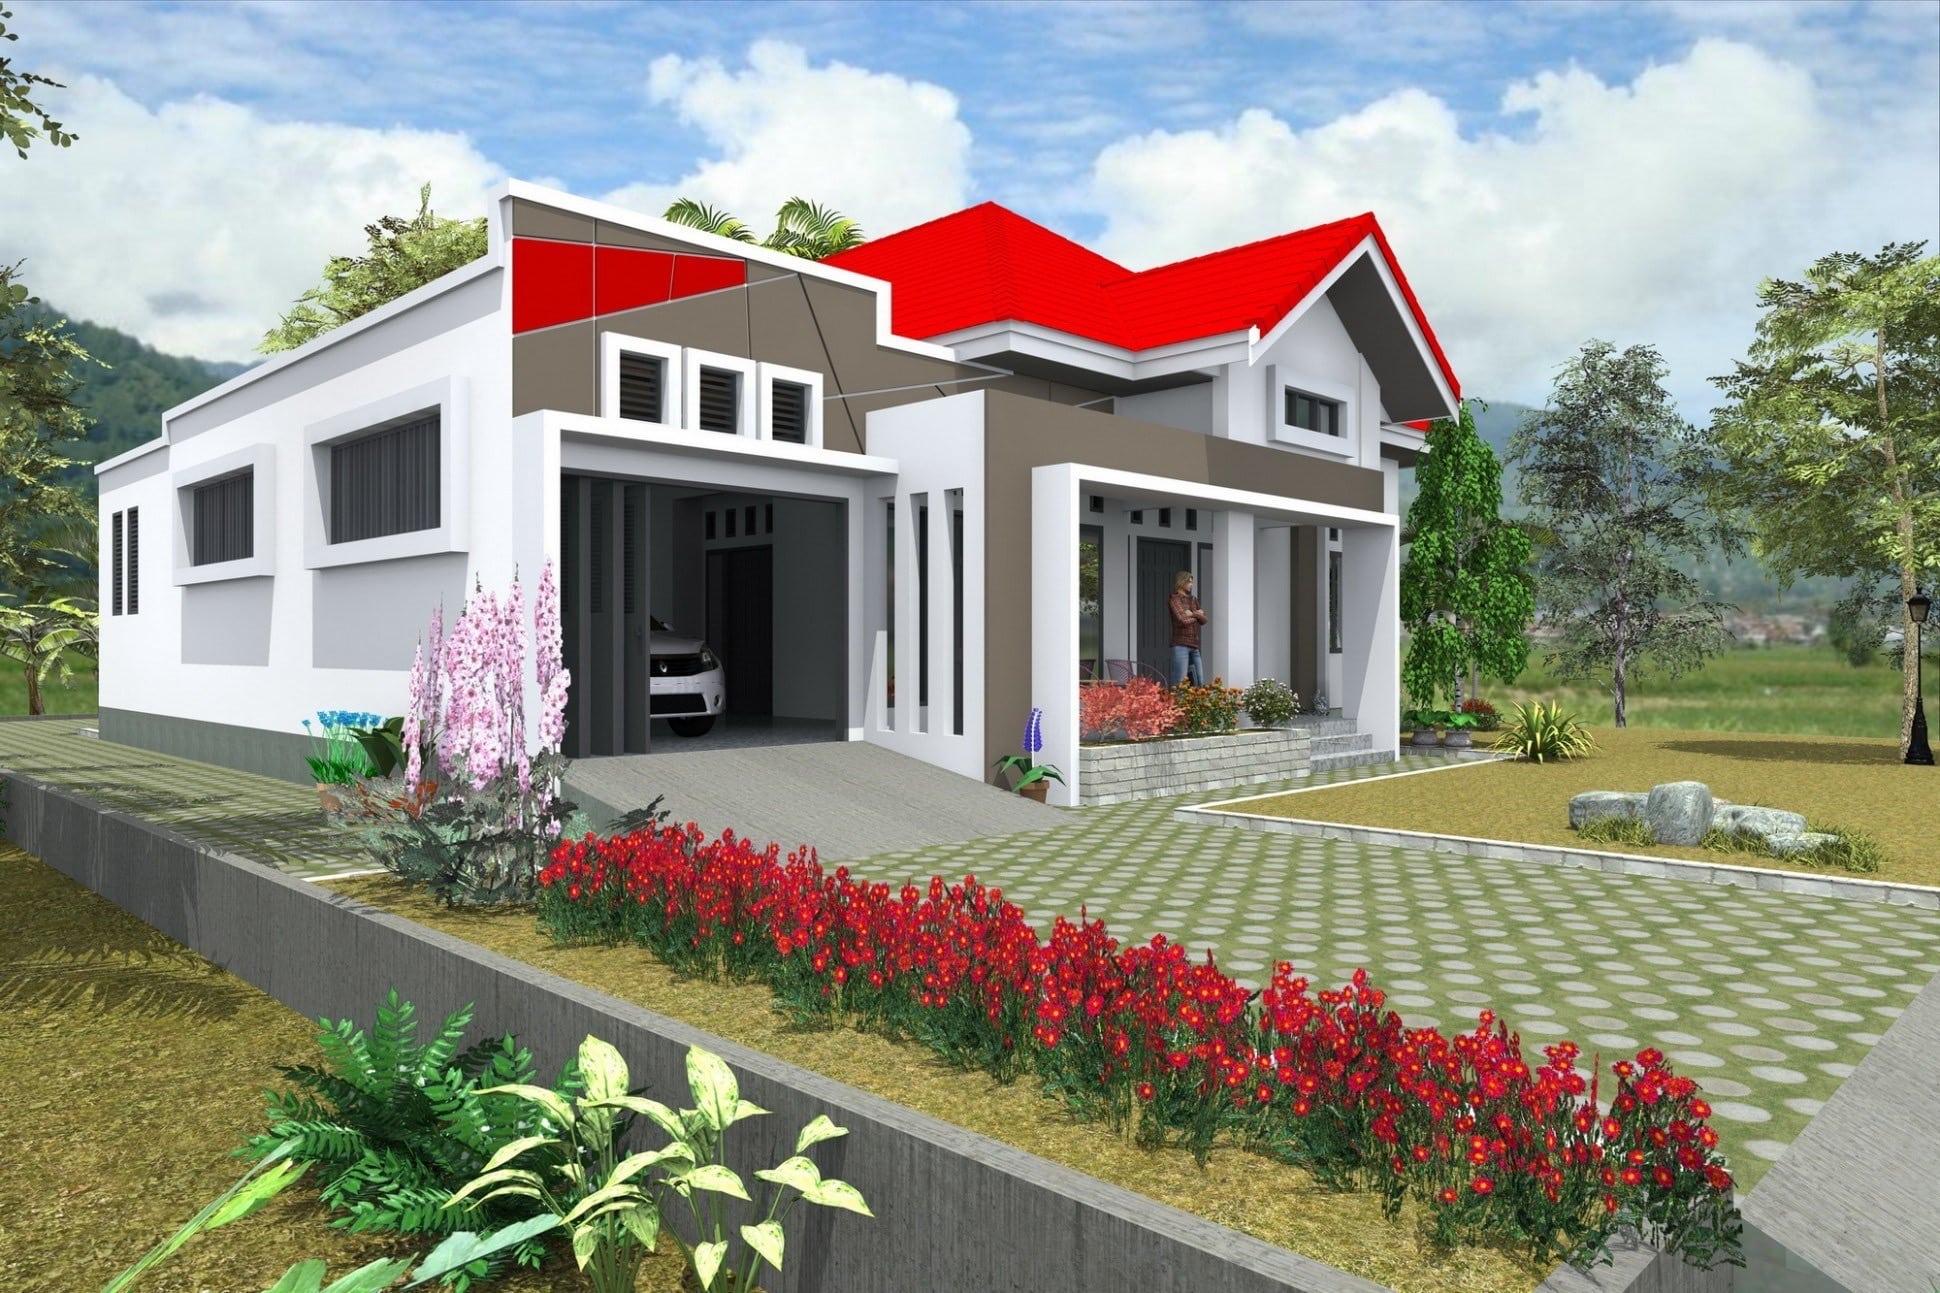 Rumah Mewah Pedesaan Garasi Tertutup Thegorbalsla